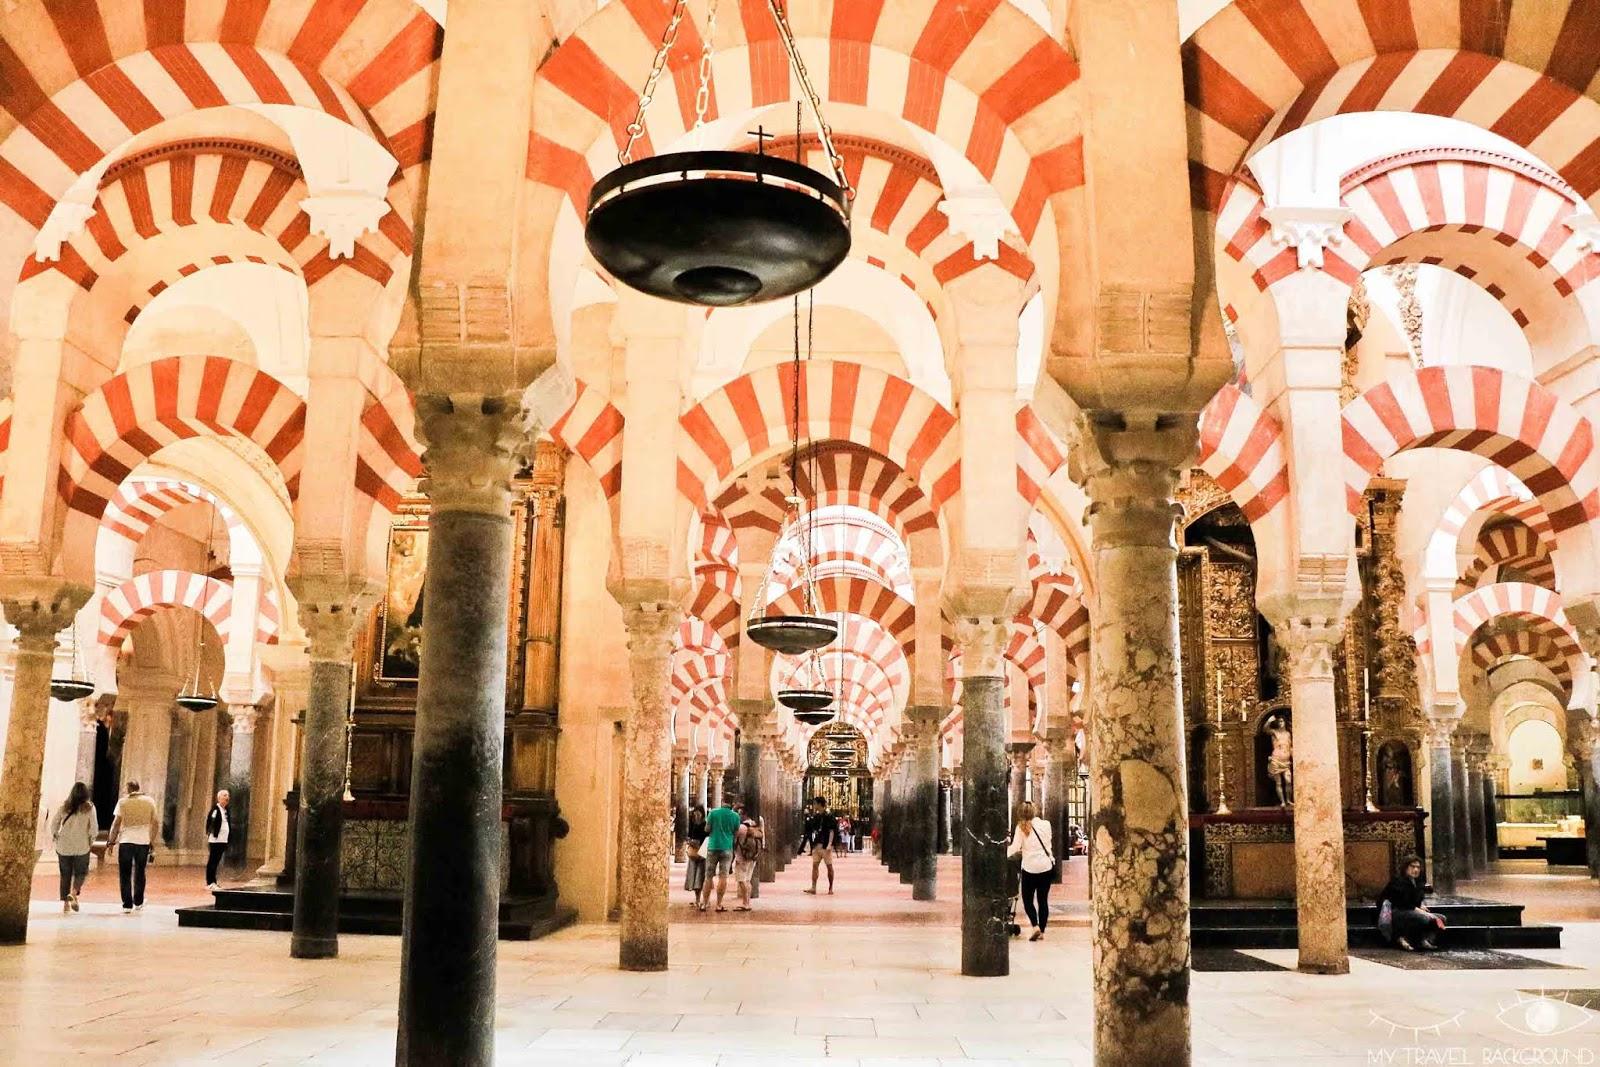 My Travel Background : mon road trip de 10 jours en Andalousie, Espagne : itinéraire et infos pratiques - Mosquee-cathédrale de Cordoue